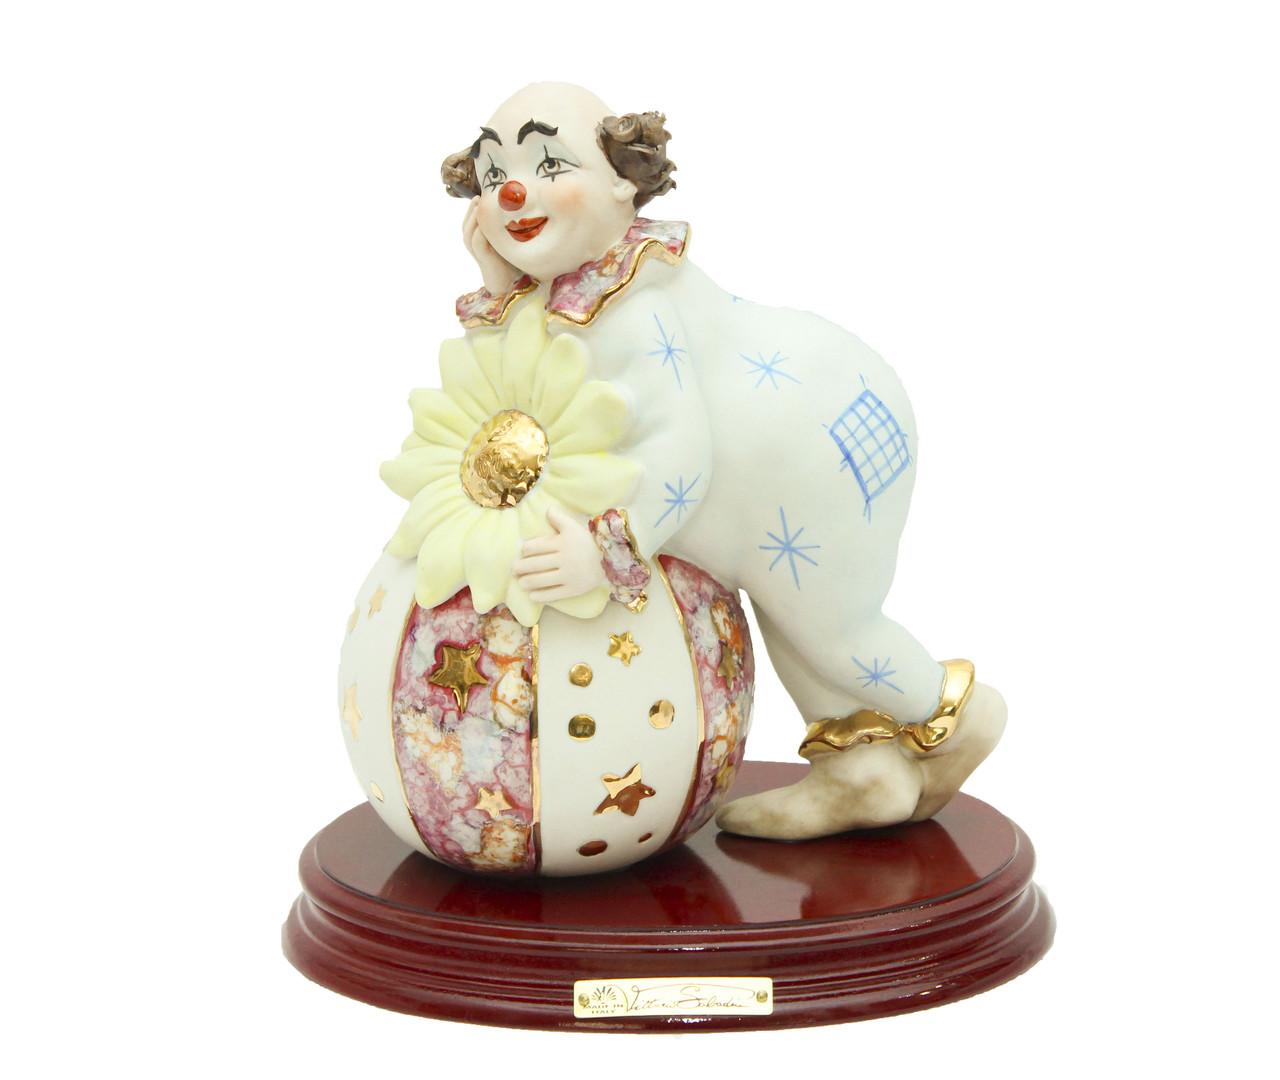 Фарфоровая статуэтка Клоун с магическим шаром. Ручная работа, Италия